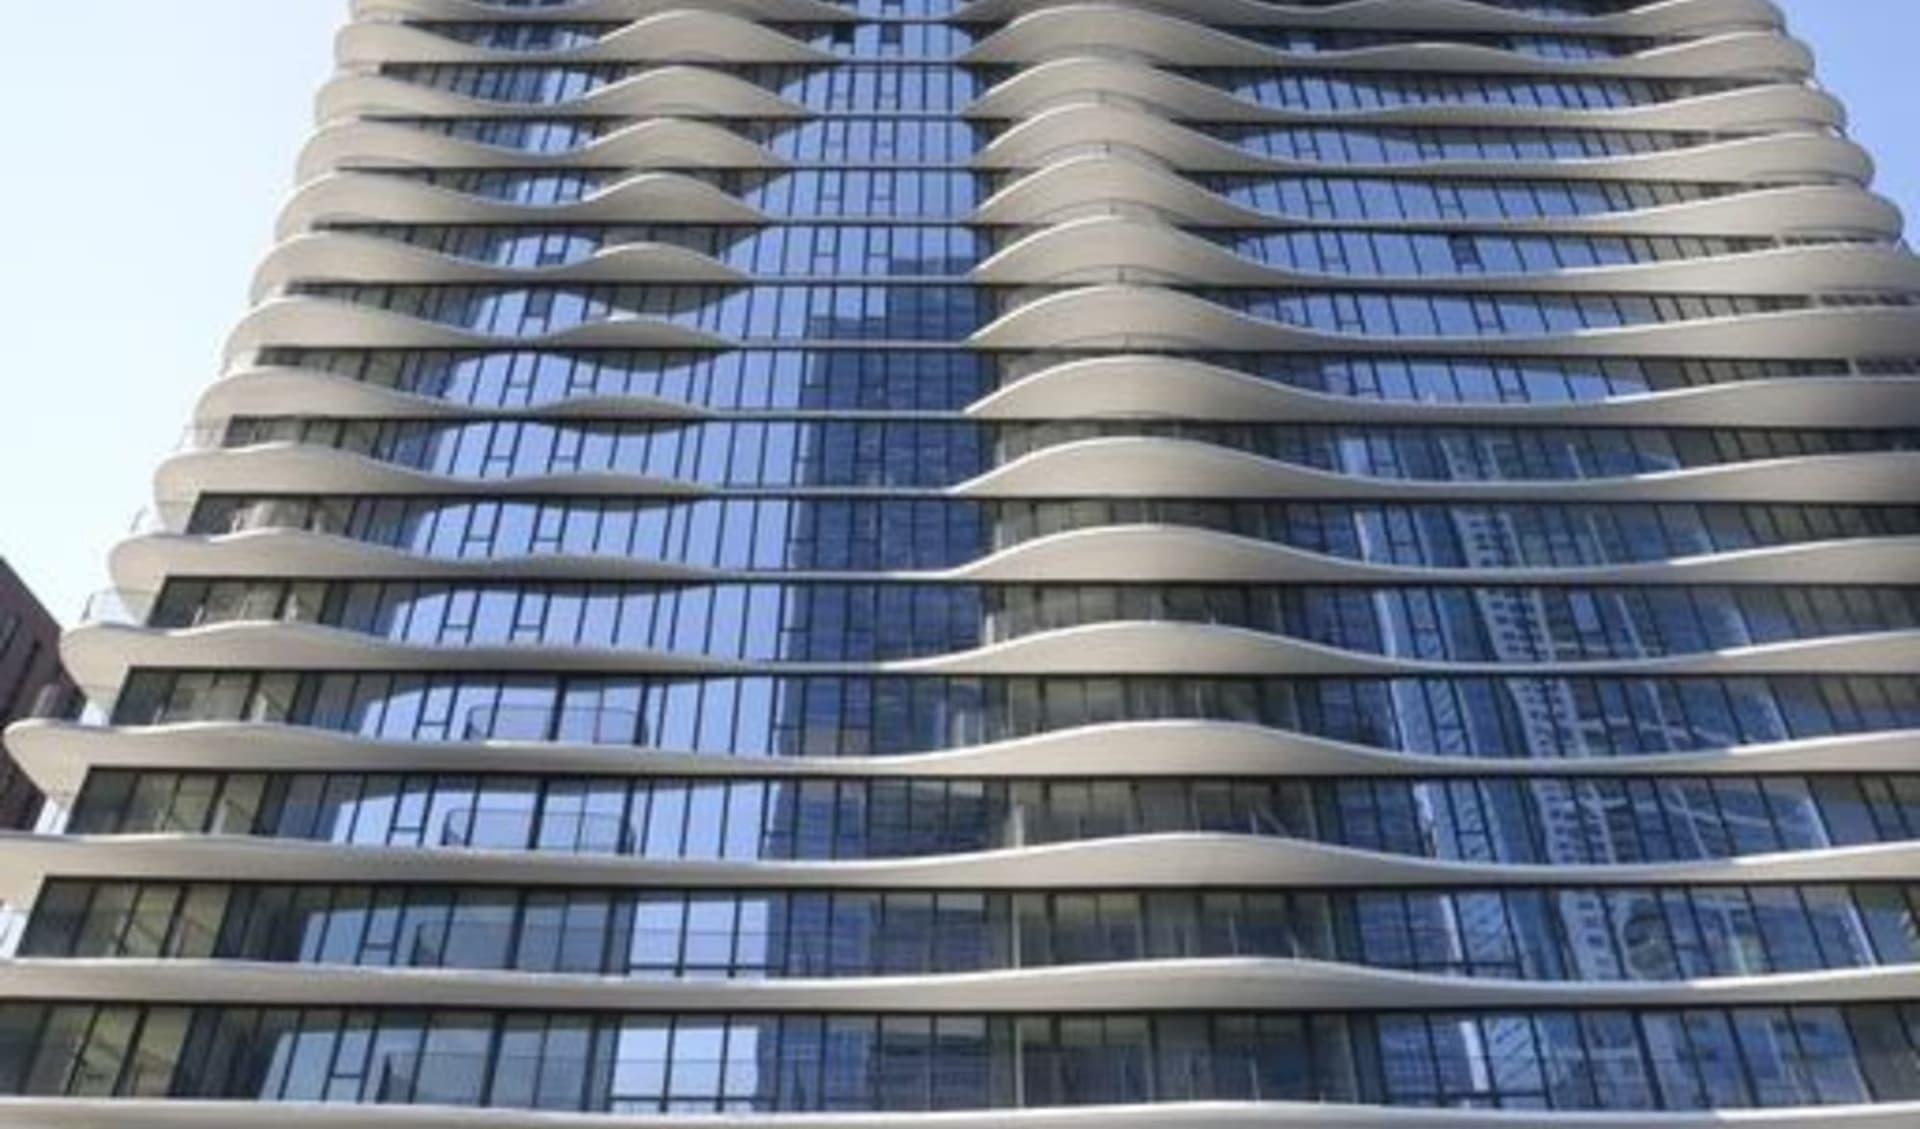 Radisson Blu Aqua Hotel Chicago:  Radisson Blu Aqua 35697701